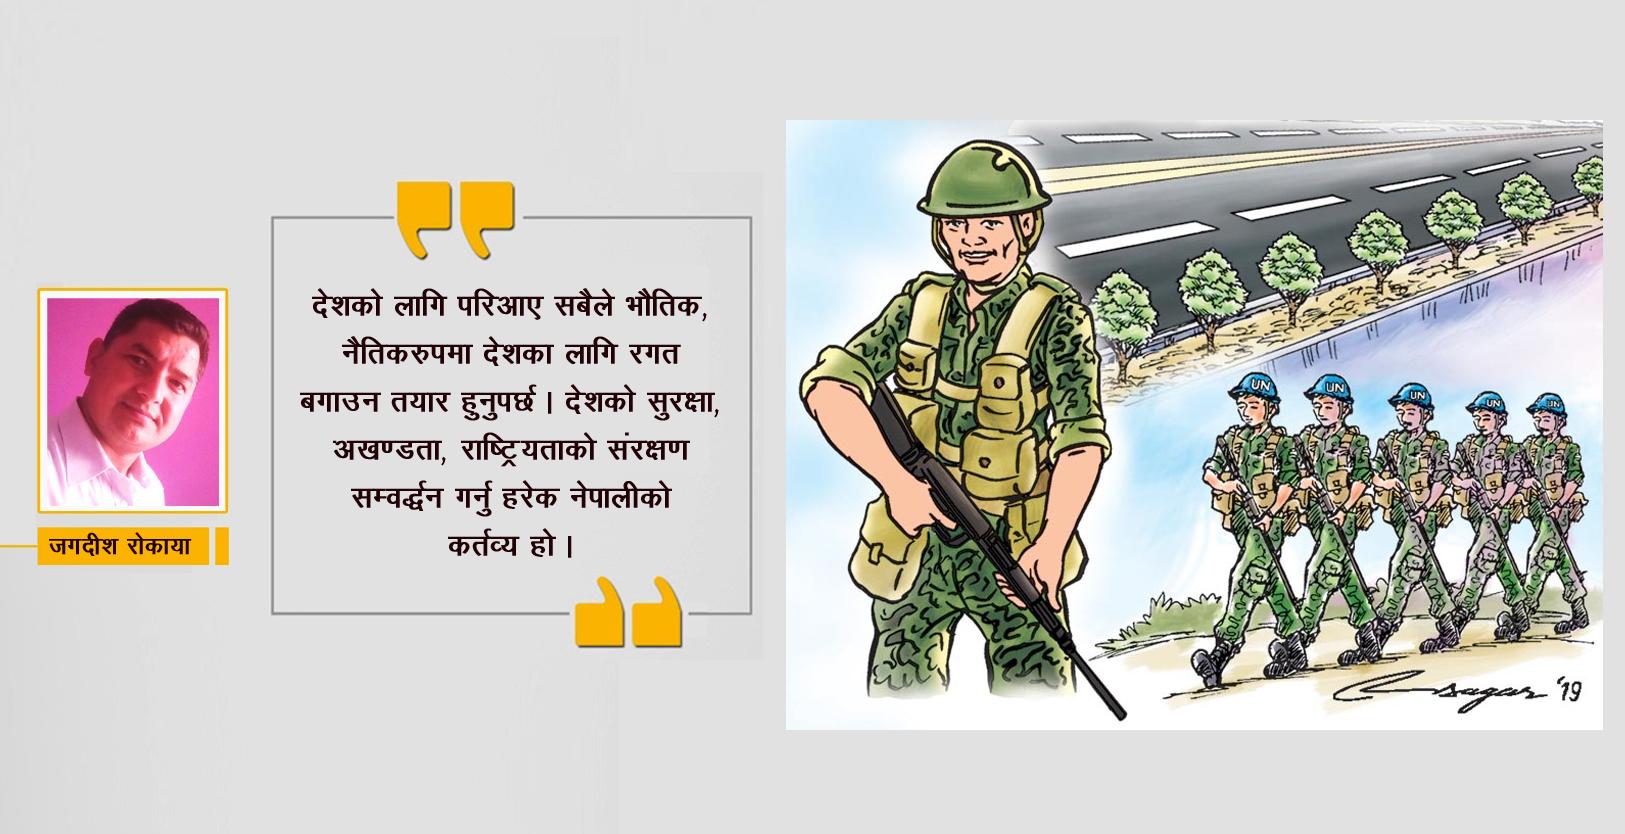 नेपाली सेना र समाजको अन्तरसम्बन्ध